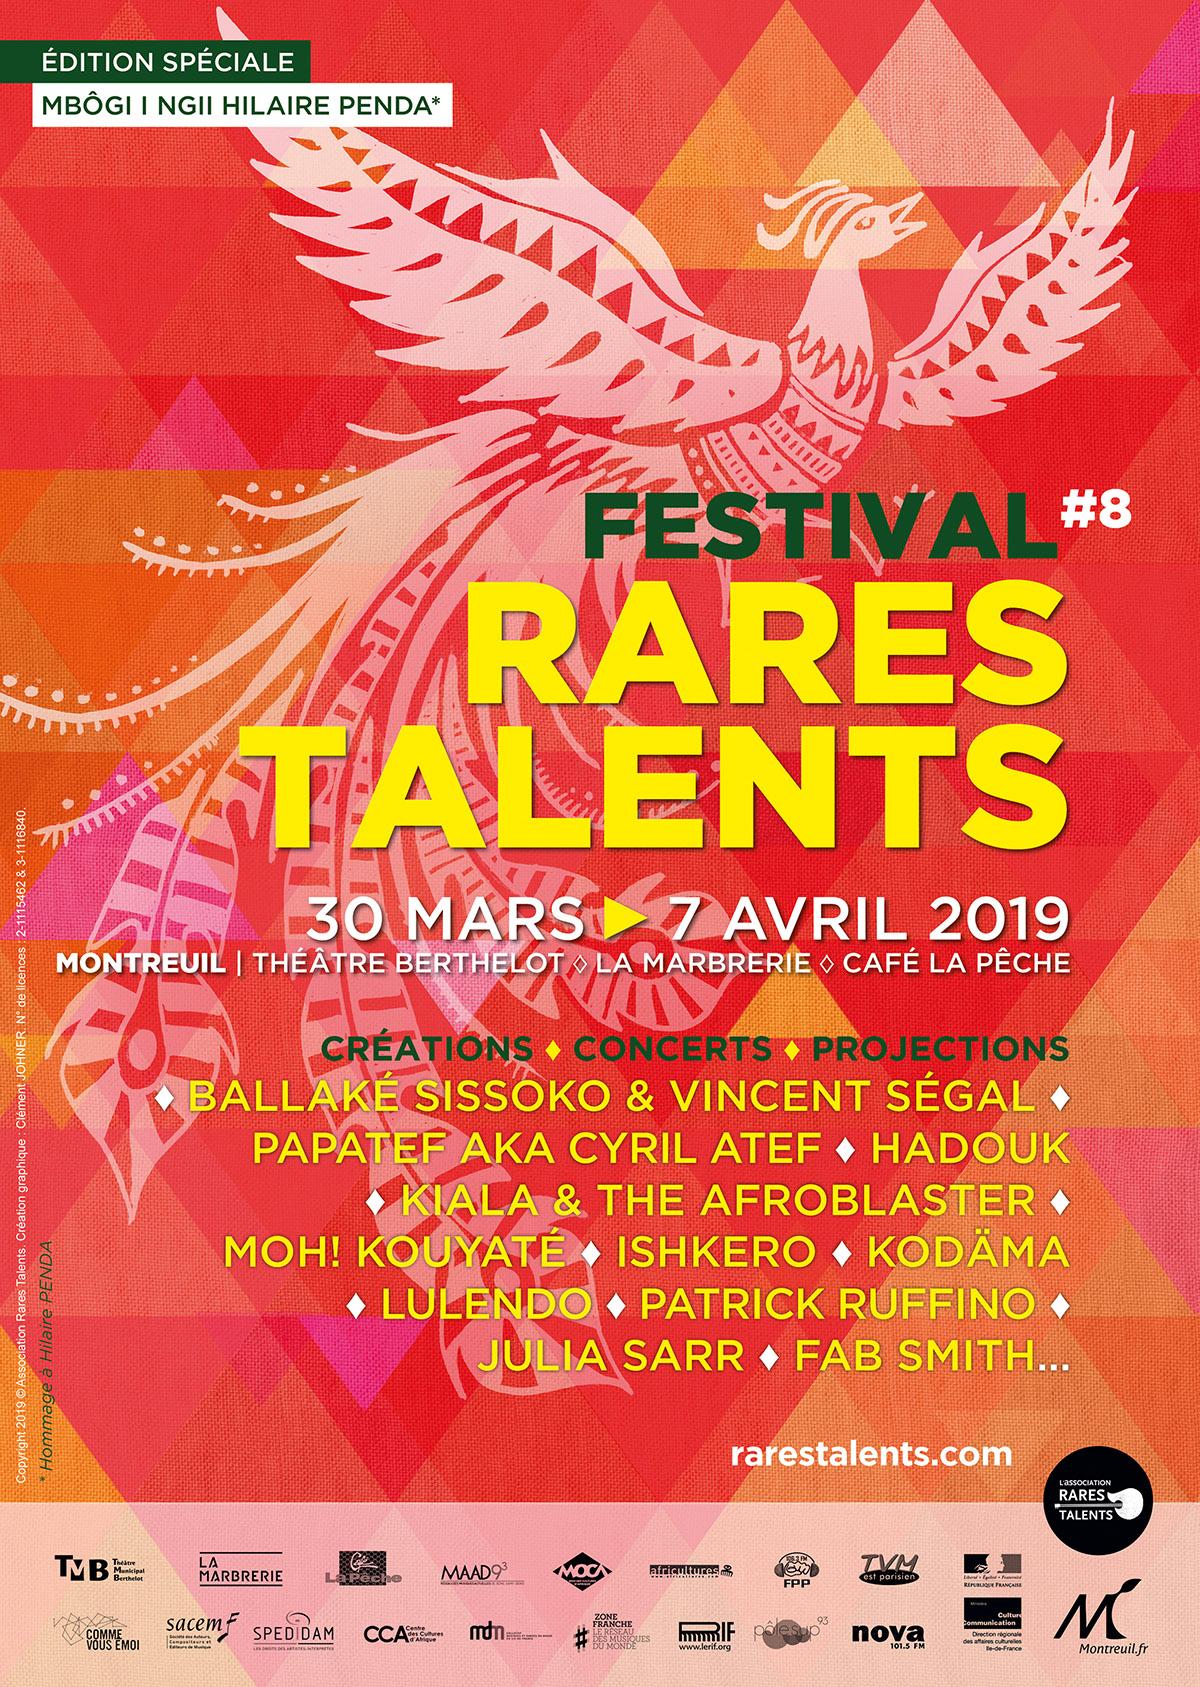 Affiche Festival Rares Talents 2019 © Clément JOHNER